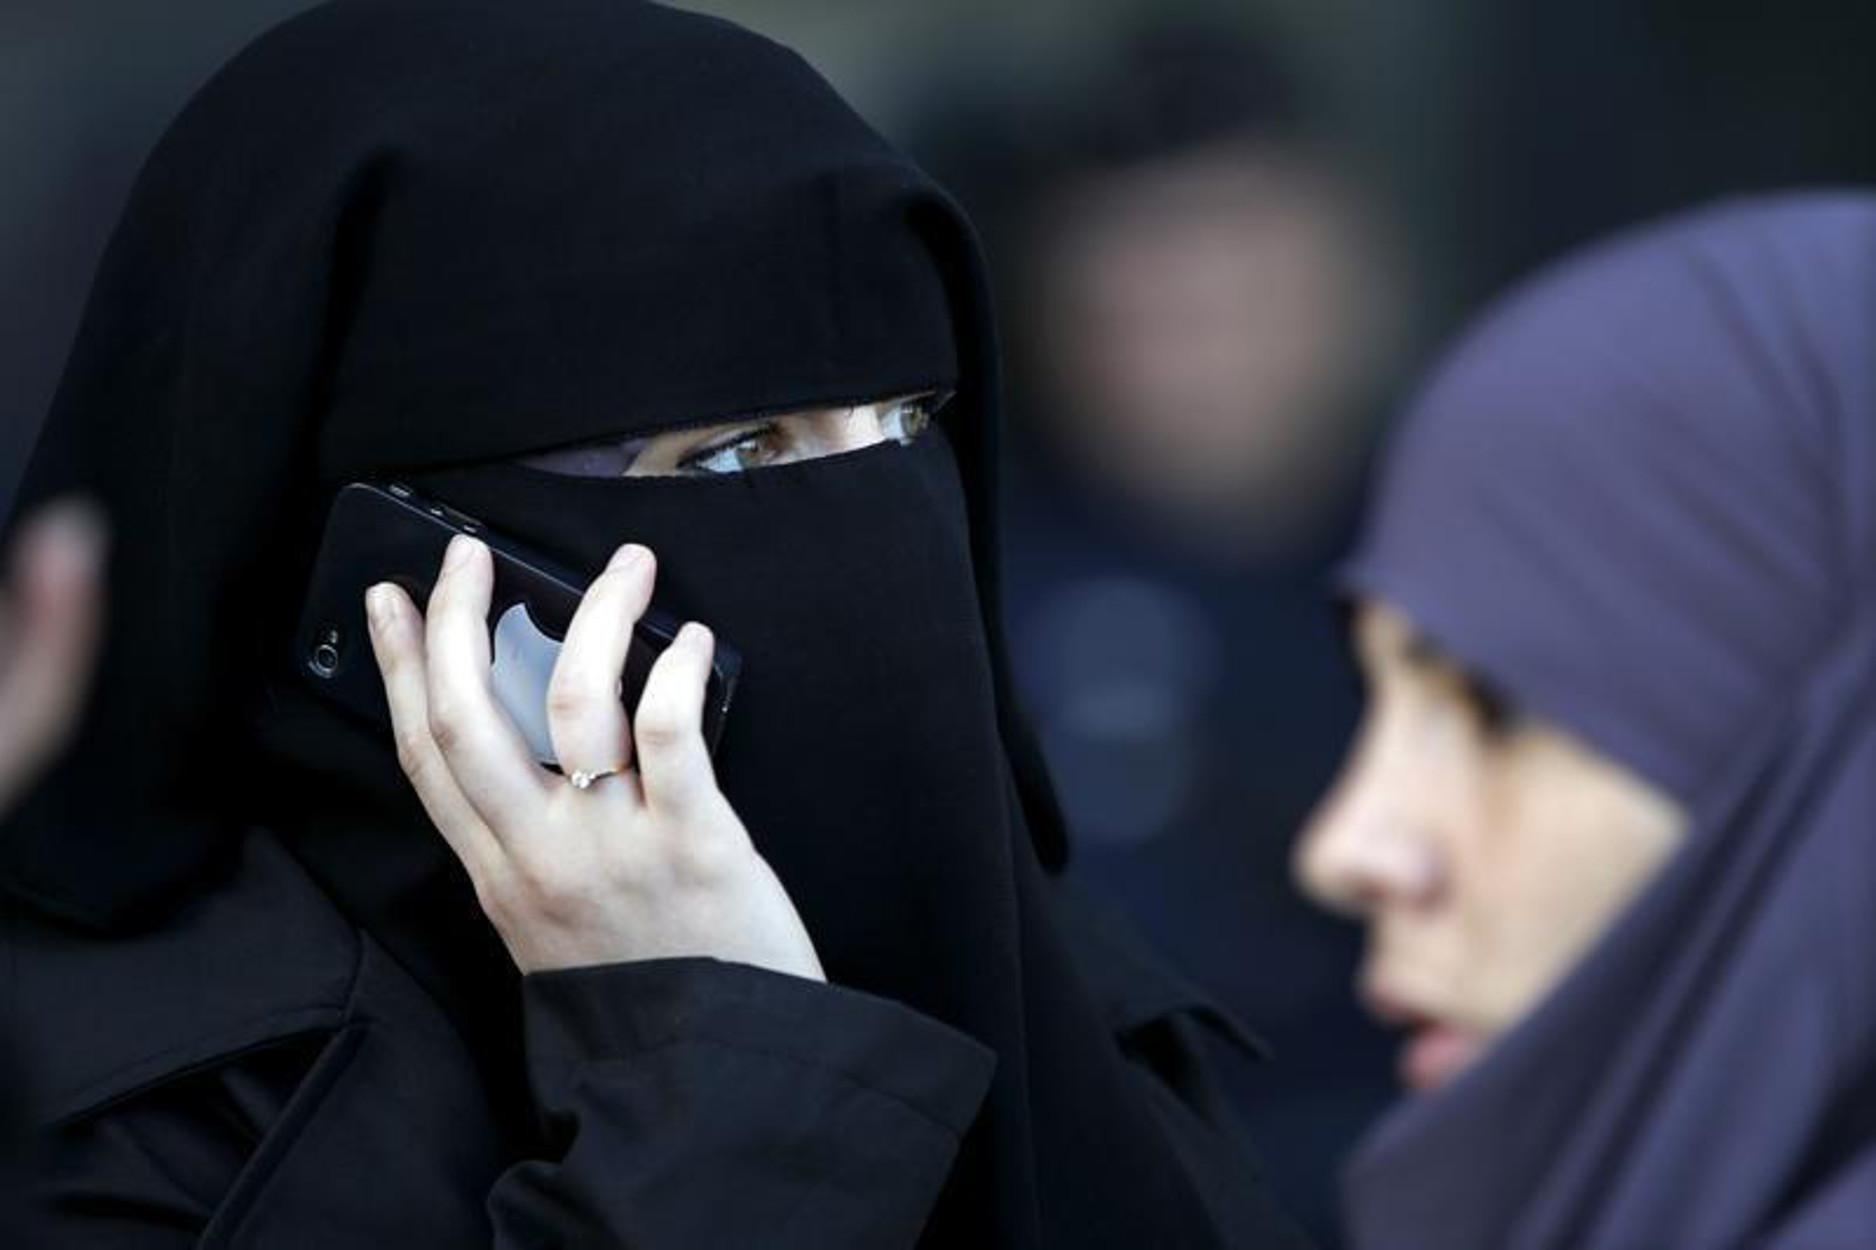 Δικαστήριο Ε.Ε: «Πράσινο φως» σε εταιρείες για να απαγορεύουν τη μαντίλα σε μουσουλμάνες